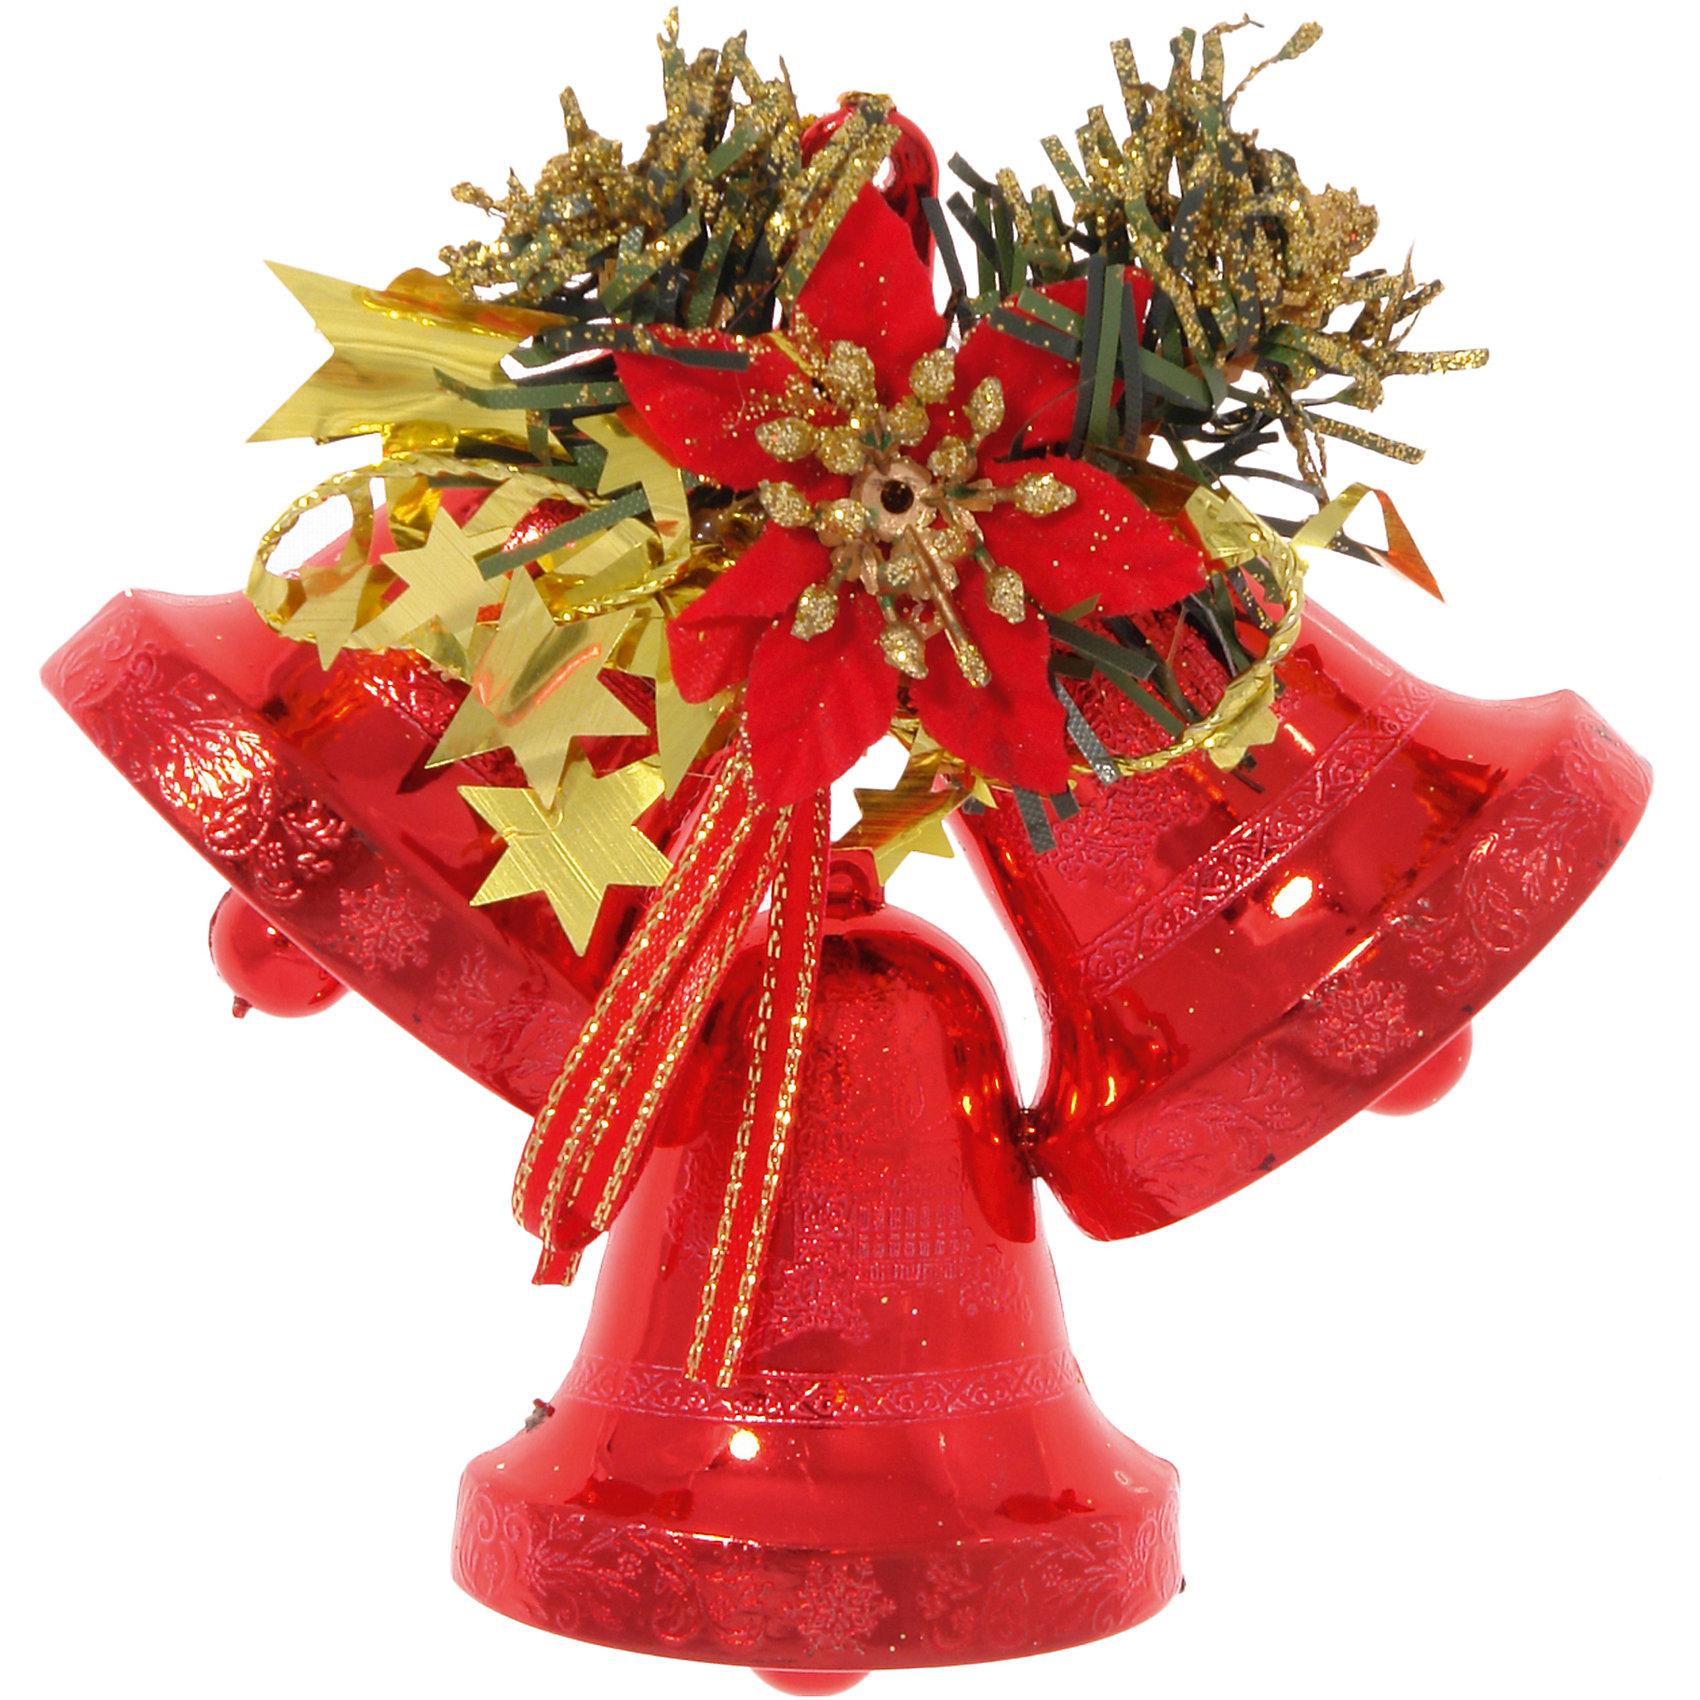 Подвесное красное украшение Колокольчики с декоромПодвесное красное украшение Колокольчики с декором, Волшебная страна, замечательно украсит Ваш новогодний интерьер или новогоднюю елку и создаст праздничное новогоднее настроение. Украшение выполнено в виде связки из трех пластиковых колокольчиков. Вся композиция декорирована искусственными еловыми ветками, золотыми звездочками и большим красным цветком. Благодаря специальной петельке украшение можно повесить в любом понравившемся Вам месте.<br><br>Дополнительная информация:<br><br>- Цвет: красный.<br>- Материал: пластик, ткань.<br>- Размер: 12,7 см.<br>- Размер упаковки: 16 х 2 х 13 см.<br>- Вес: 24 гр. <br><br>Подвесное красное украшение Колокольчики с декором, Волшебная страна, можно купить в нашем интернет-магазине.<br><br>Ширина мм: 160<br>Глубина мм: 20<br>Высота мм: 130<br>Вес г: 24<br>Возраст от месяцев: 36<br>Возраст до месяцев: 2147483647<br>Пол: Унисекс<br>Возраст: Детский<br>SKU: 4288646